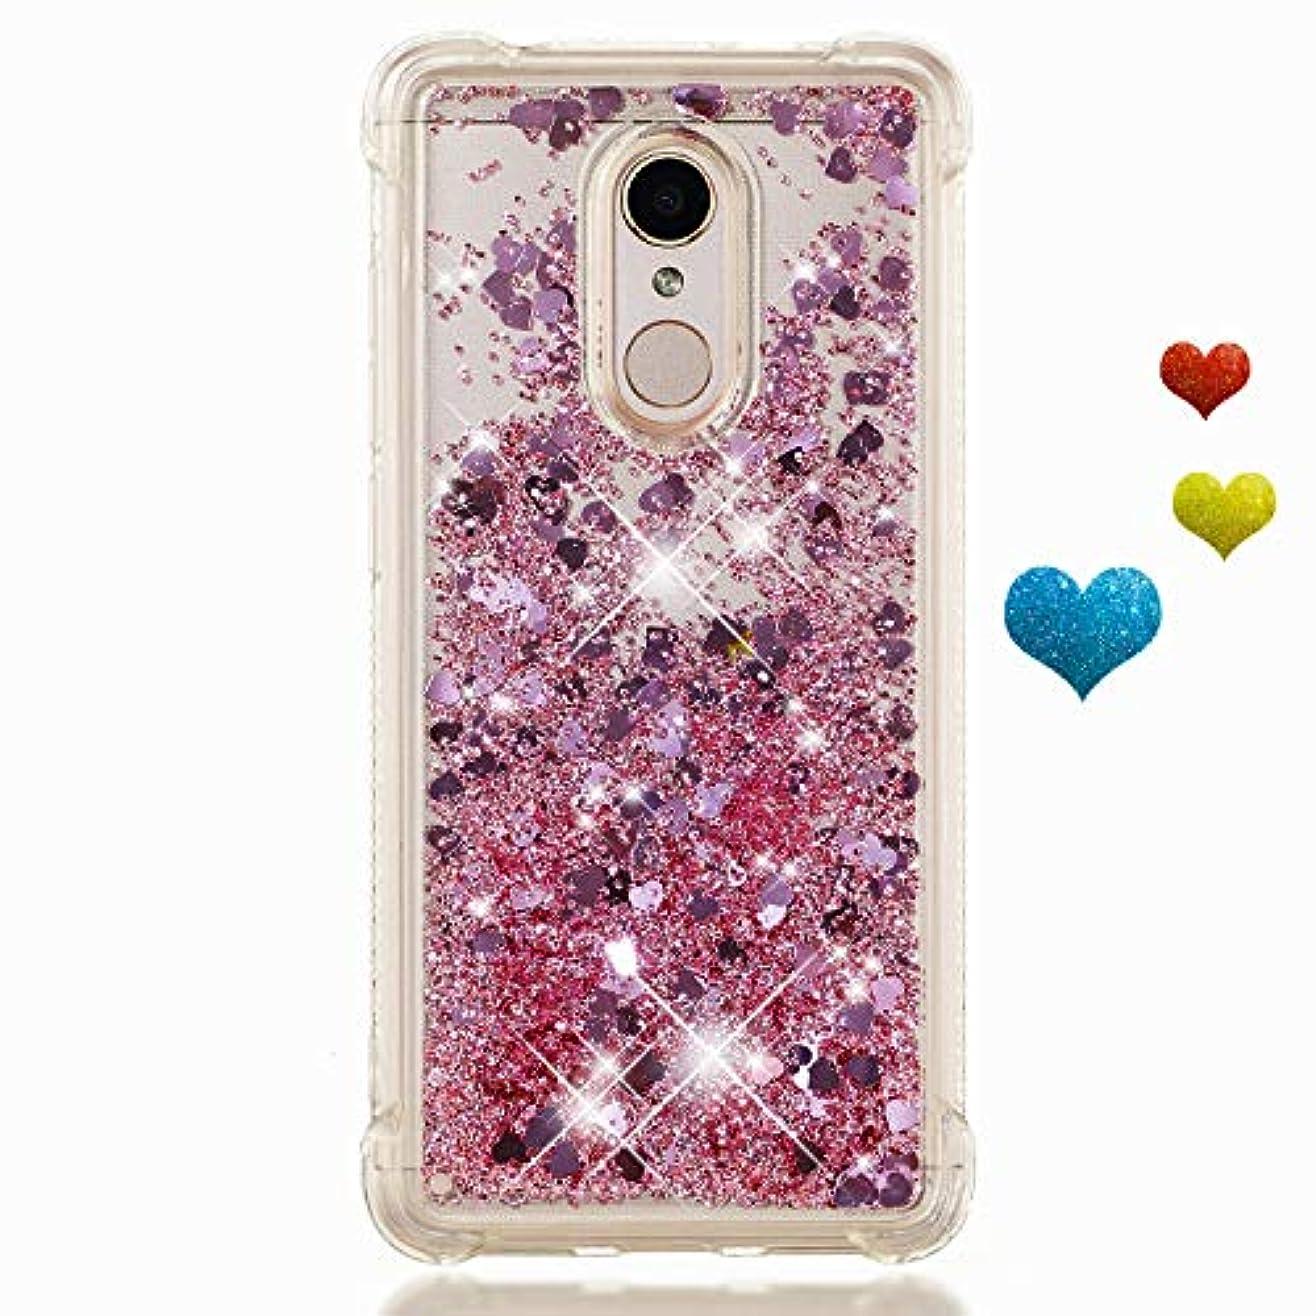 メディカルルーフハブブSamsung Galaxy S8 ケース 手帳型 本革 レザー カバー 財布型 スタンド機能 カードポケット 耐摩擦 耐汚れ 全面保護 人気 アイフォン